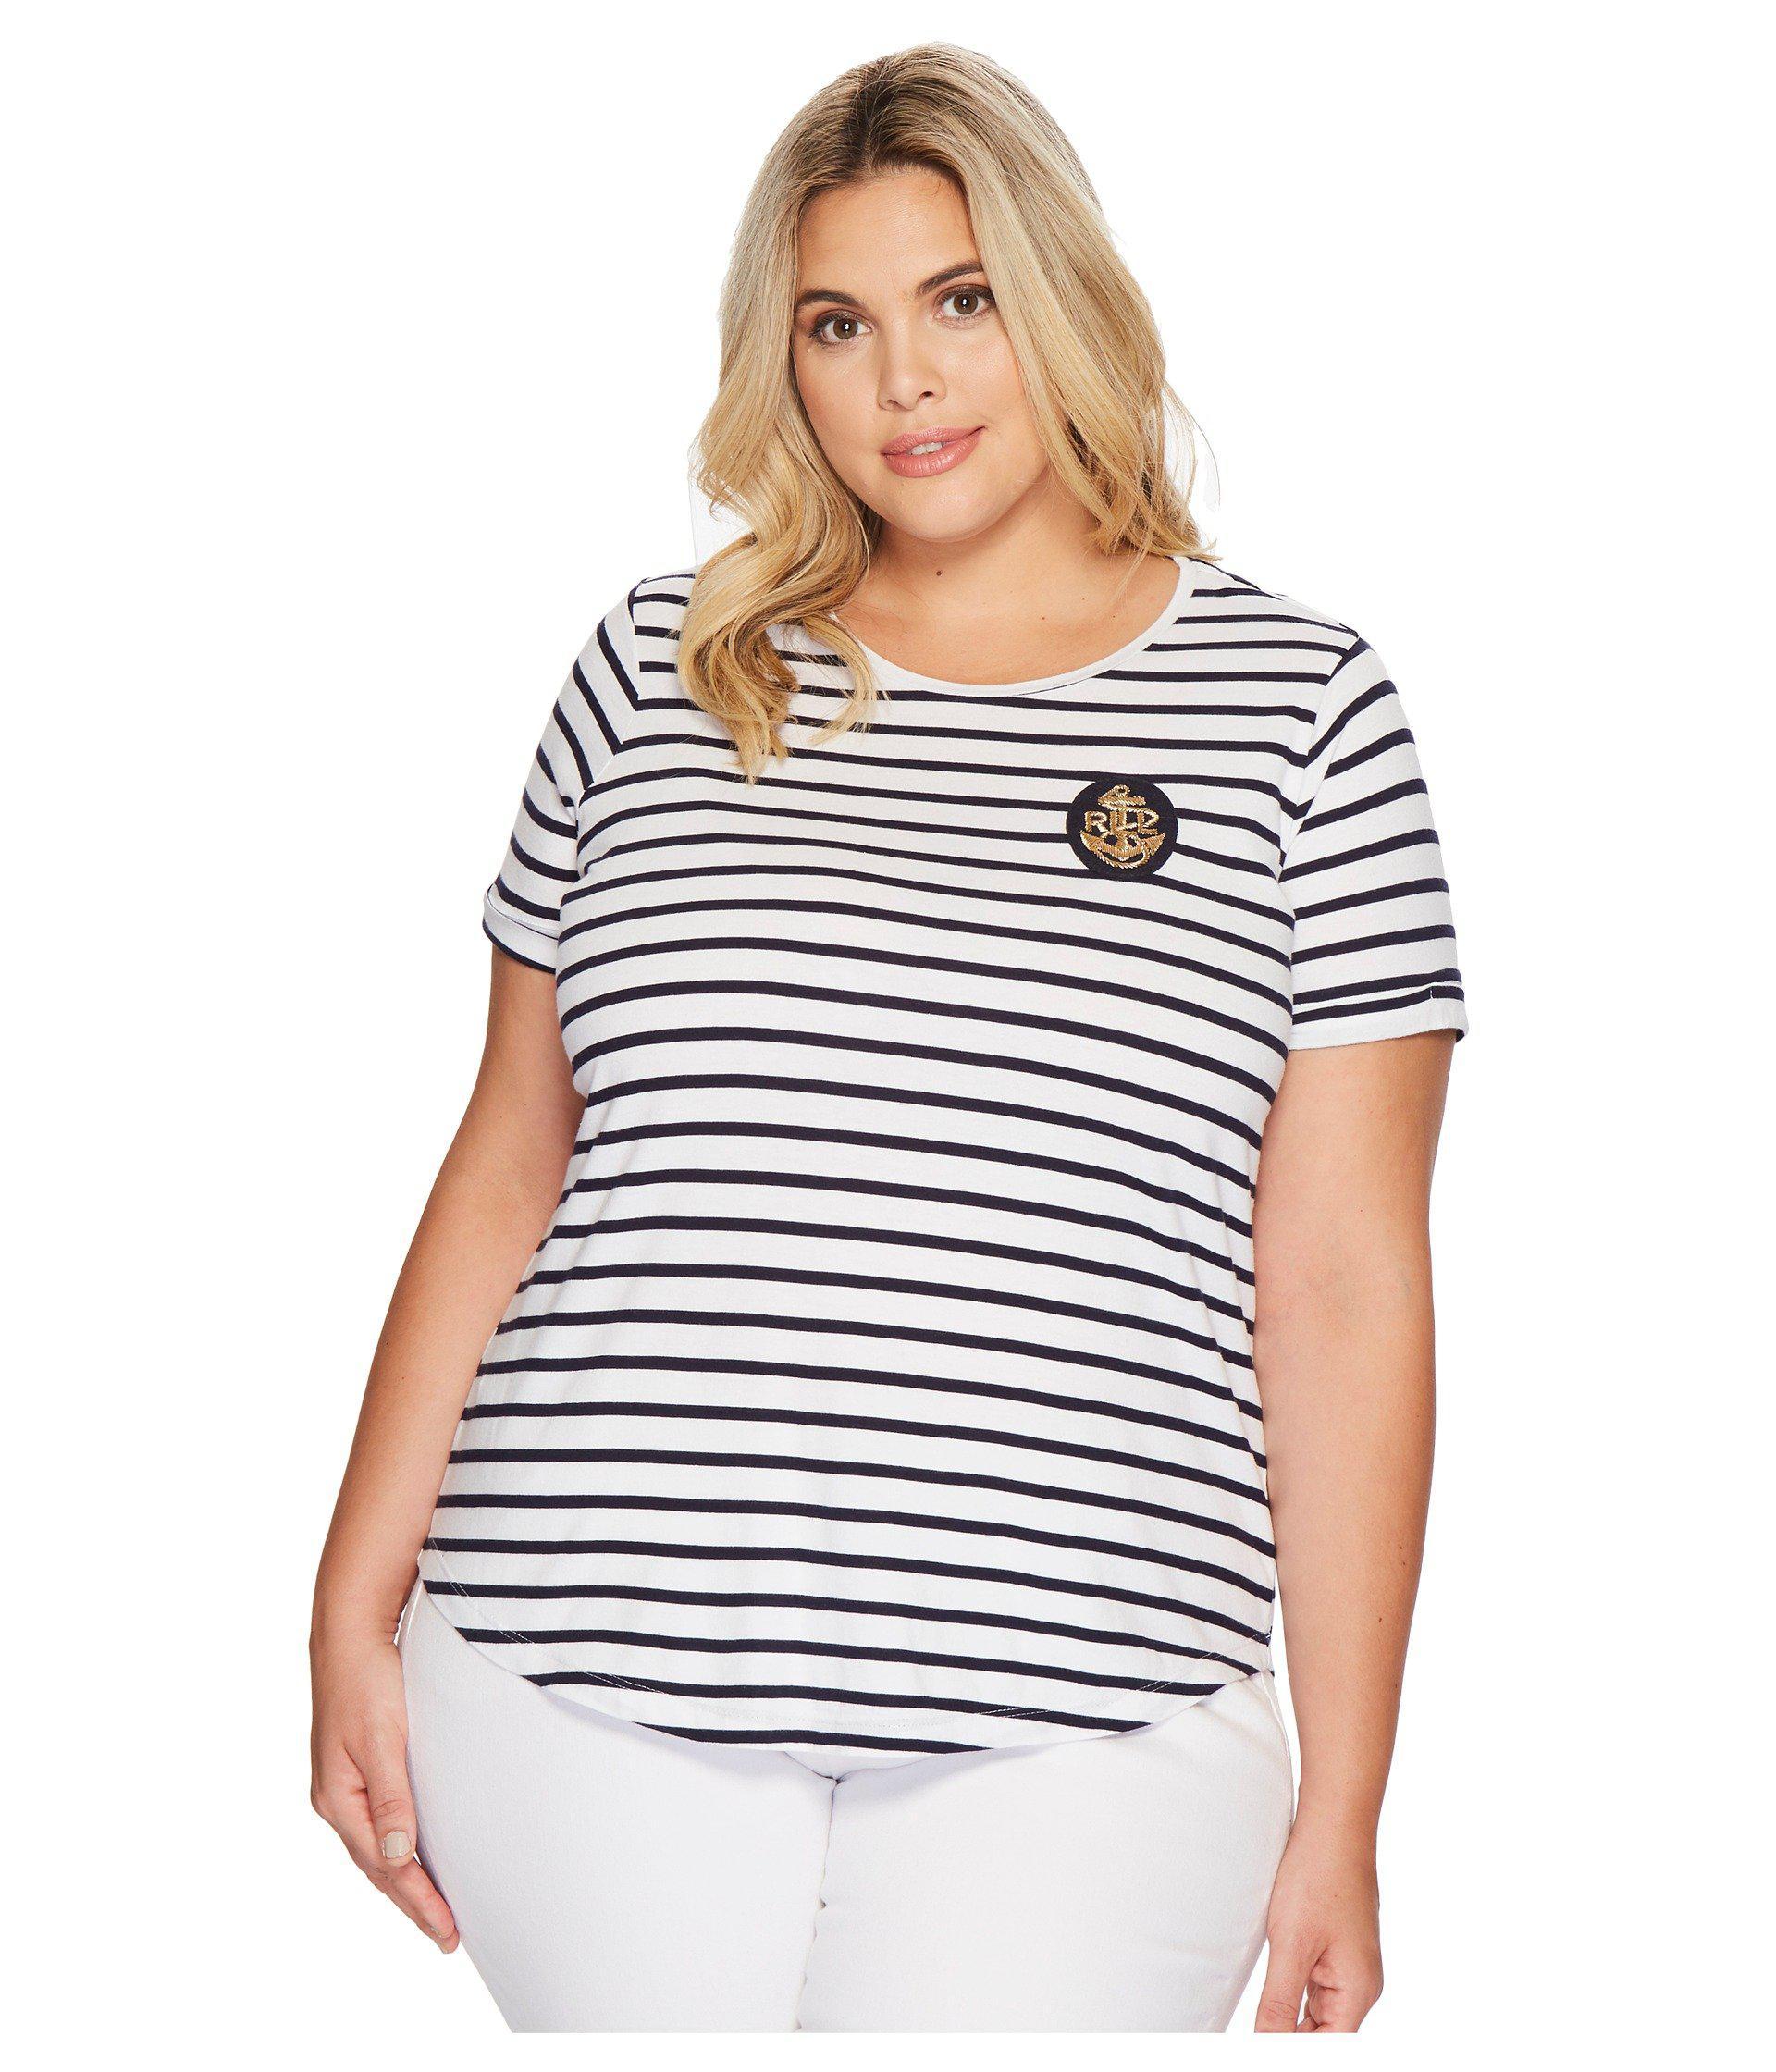 41e3725f117 Lyst - Lauren by Ralph Lauren Plus Size Bullion-patch Striped T ...